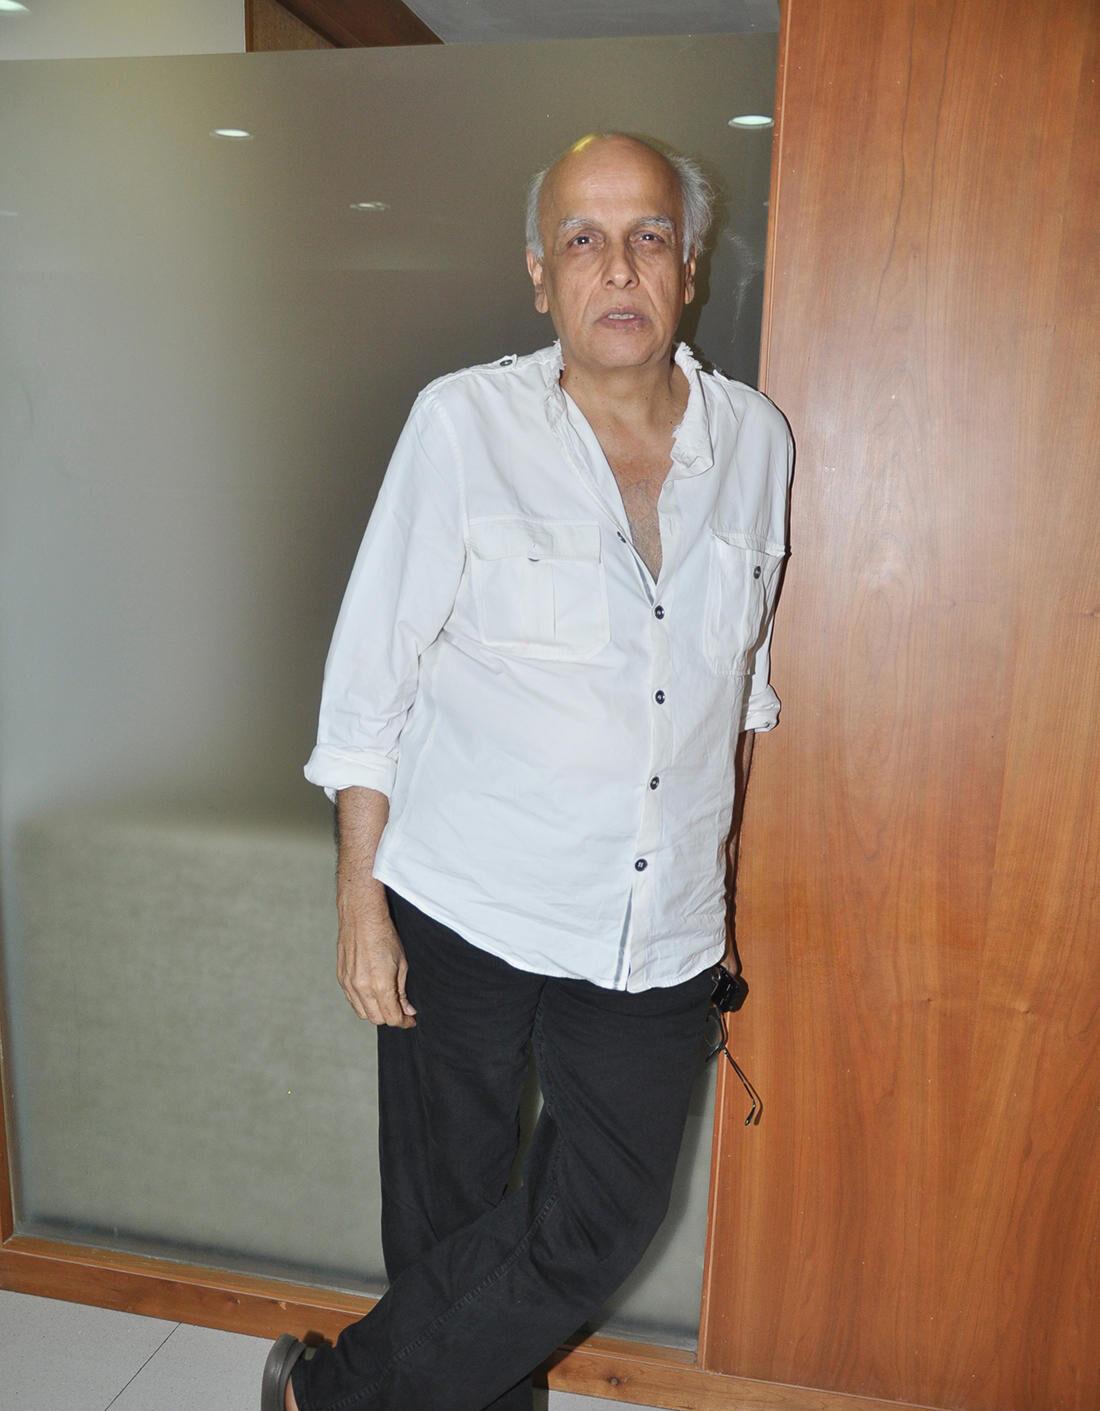 Mahesh Bhatt Body Measurements, Height, & Weight: